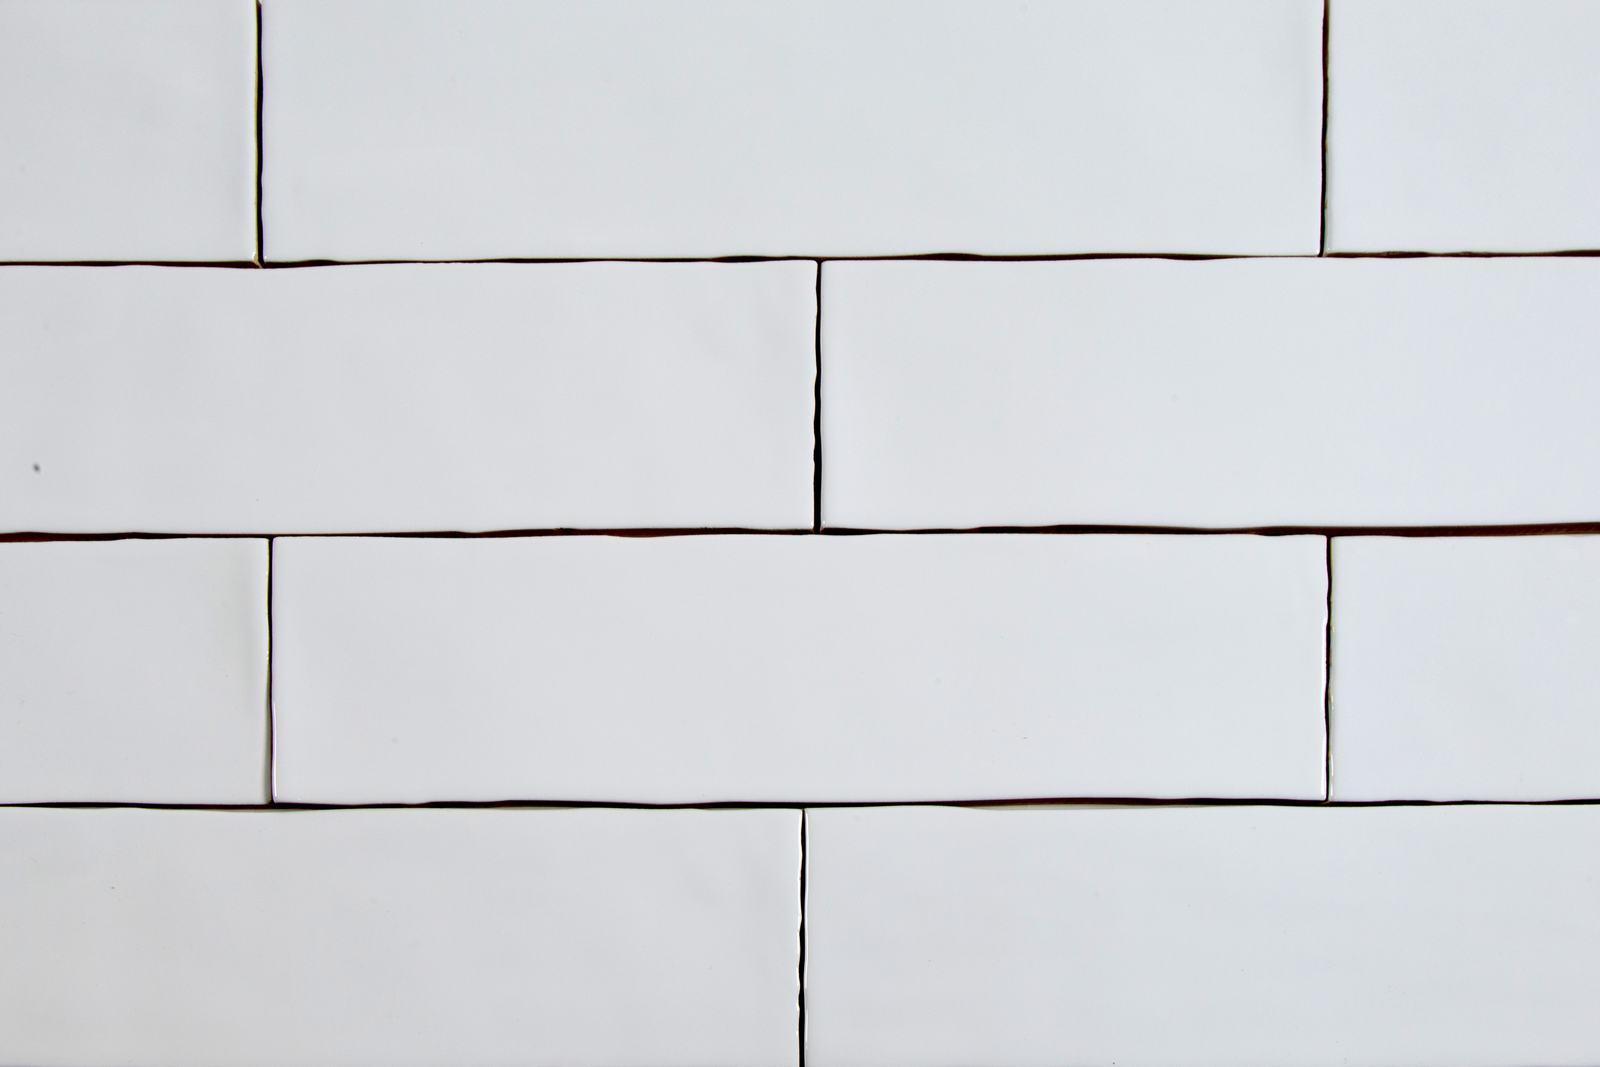 Astonishing Grout Subway Tile 3x6 Color Bianco Lusso X Bianco Handmade Look Polished Subway Tile Storka Subway Tile Backsplash Lusso houzz 01 White Subway Tile